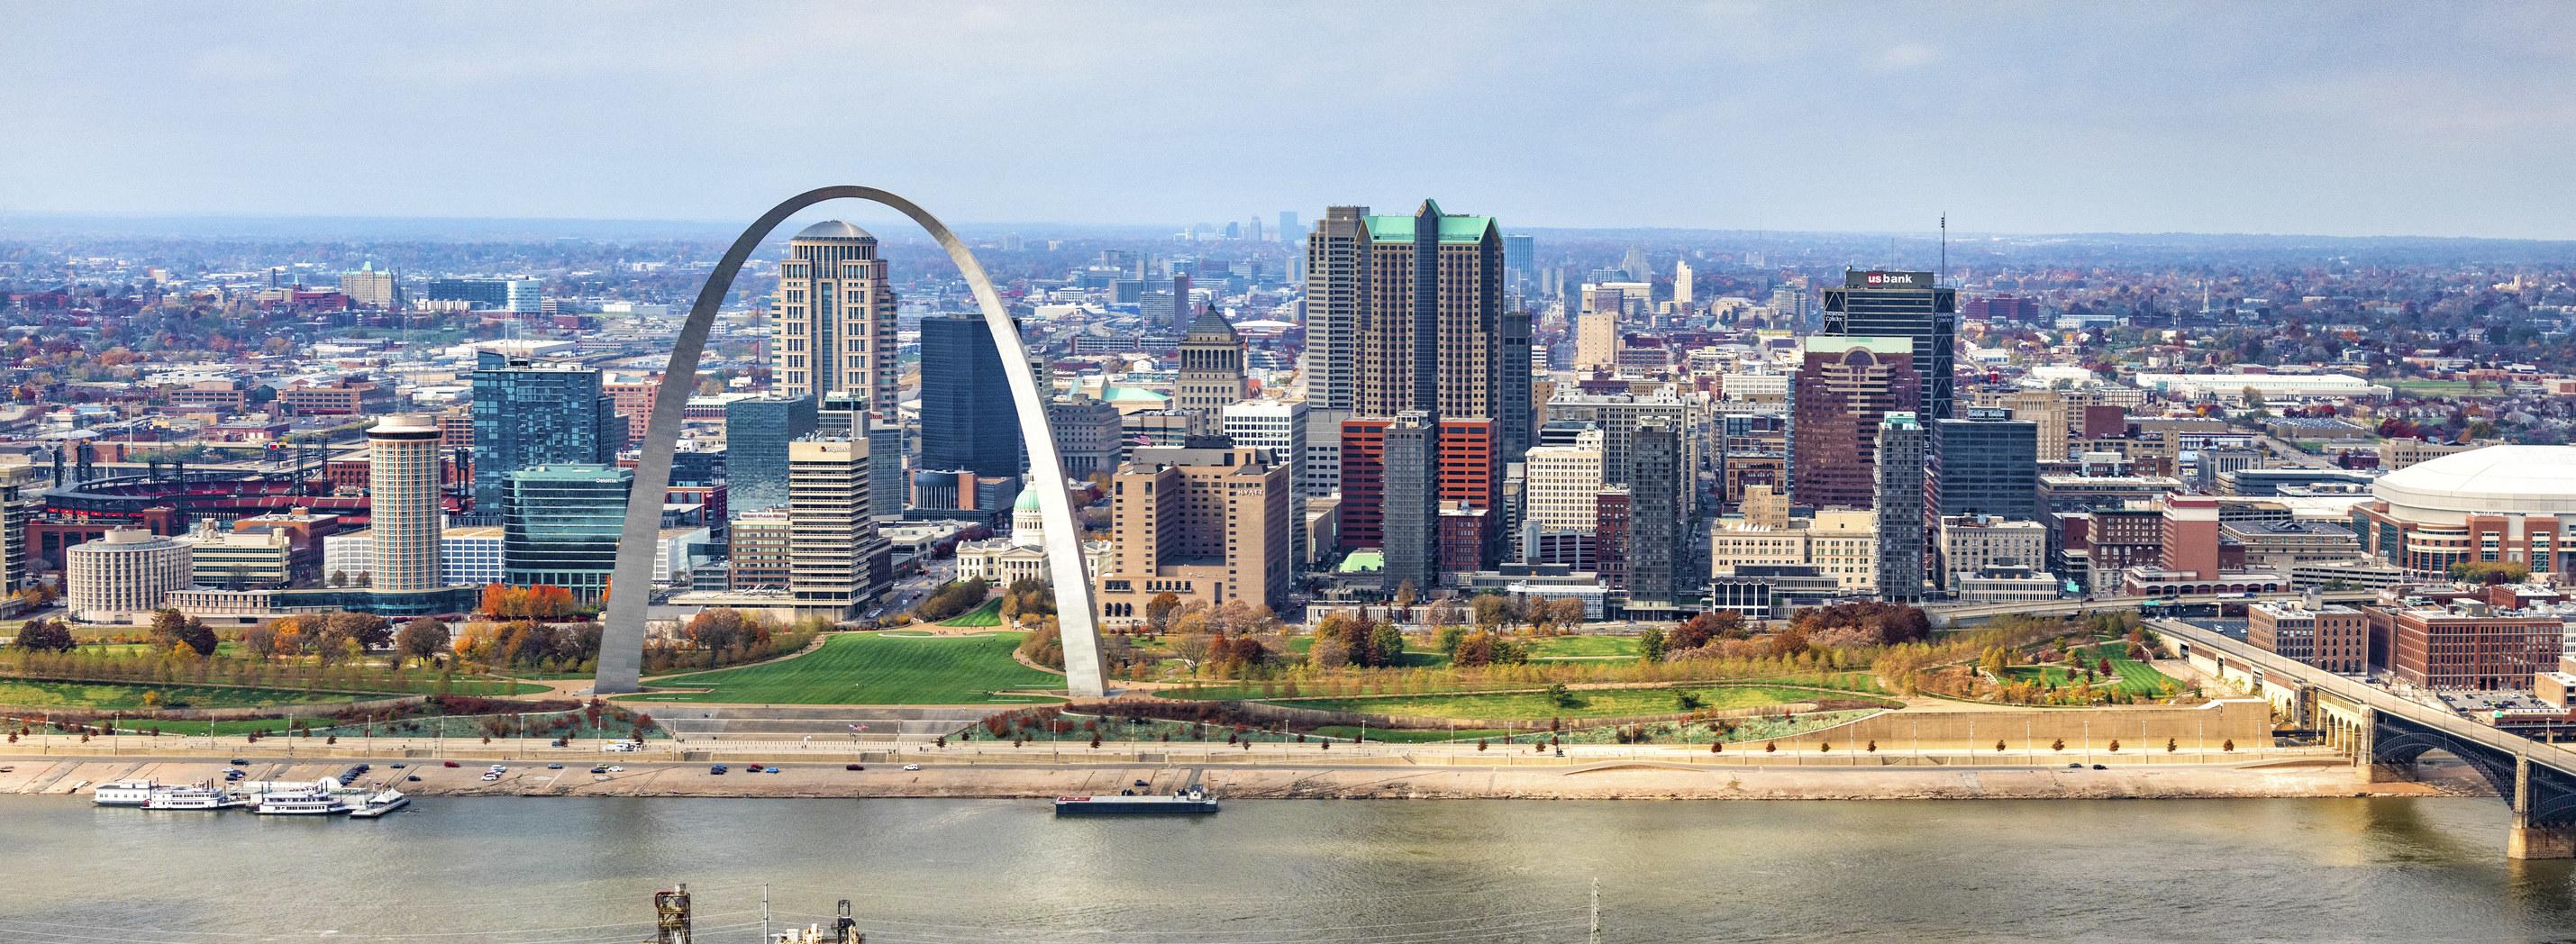 The St. Louis, Missouri skyline.